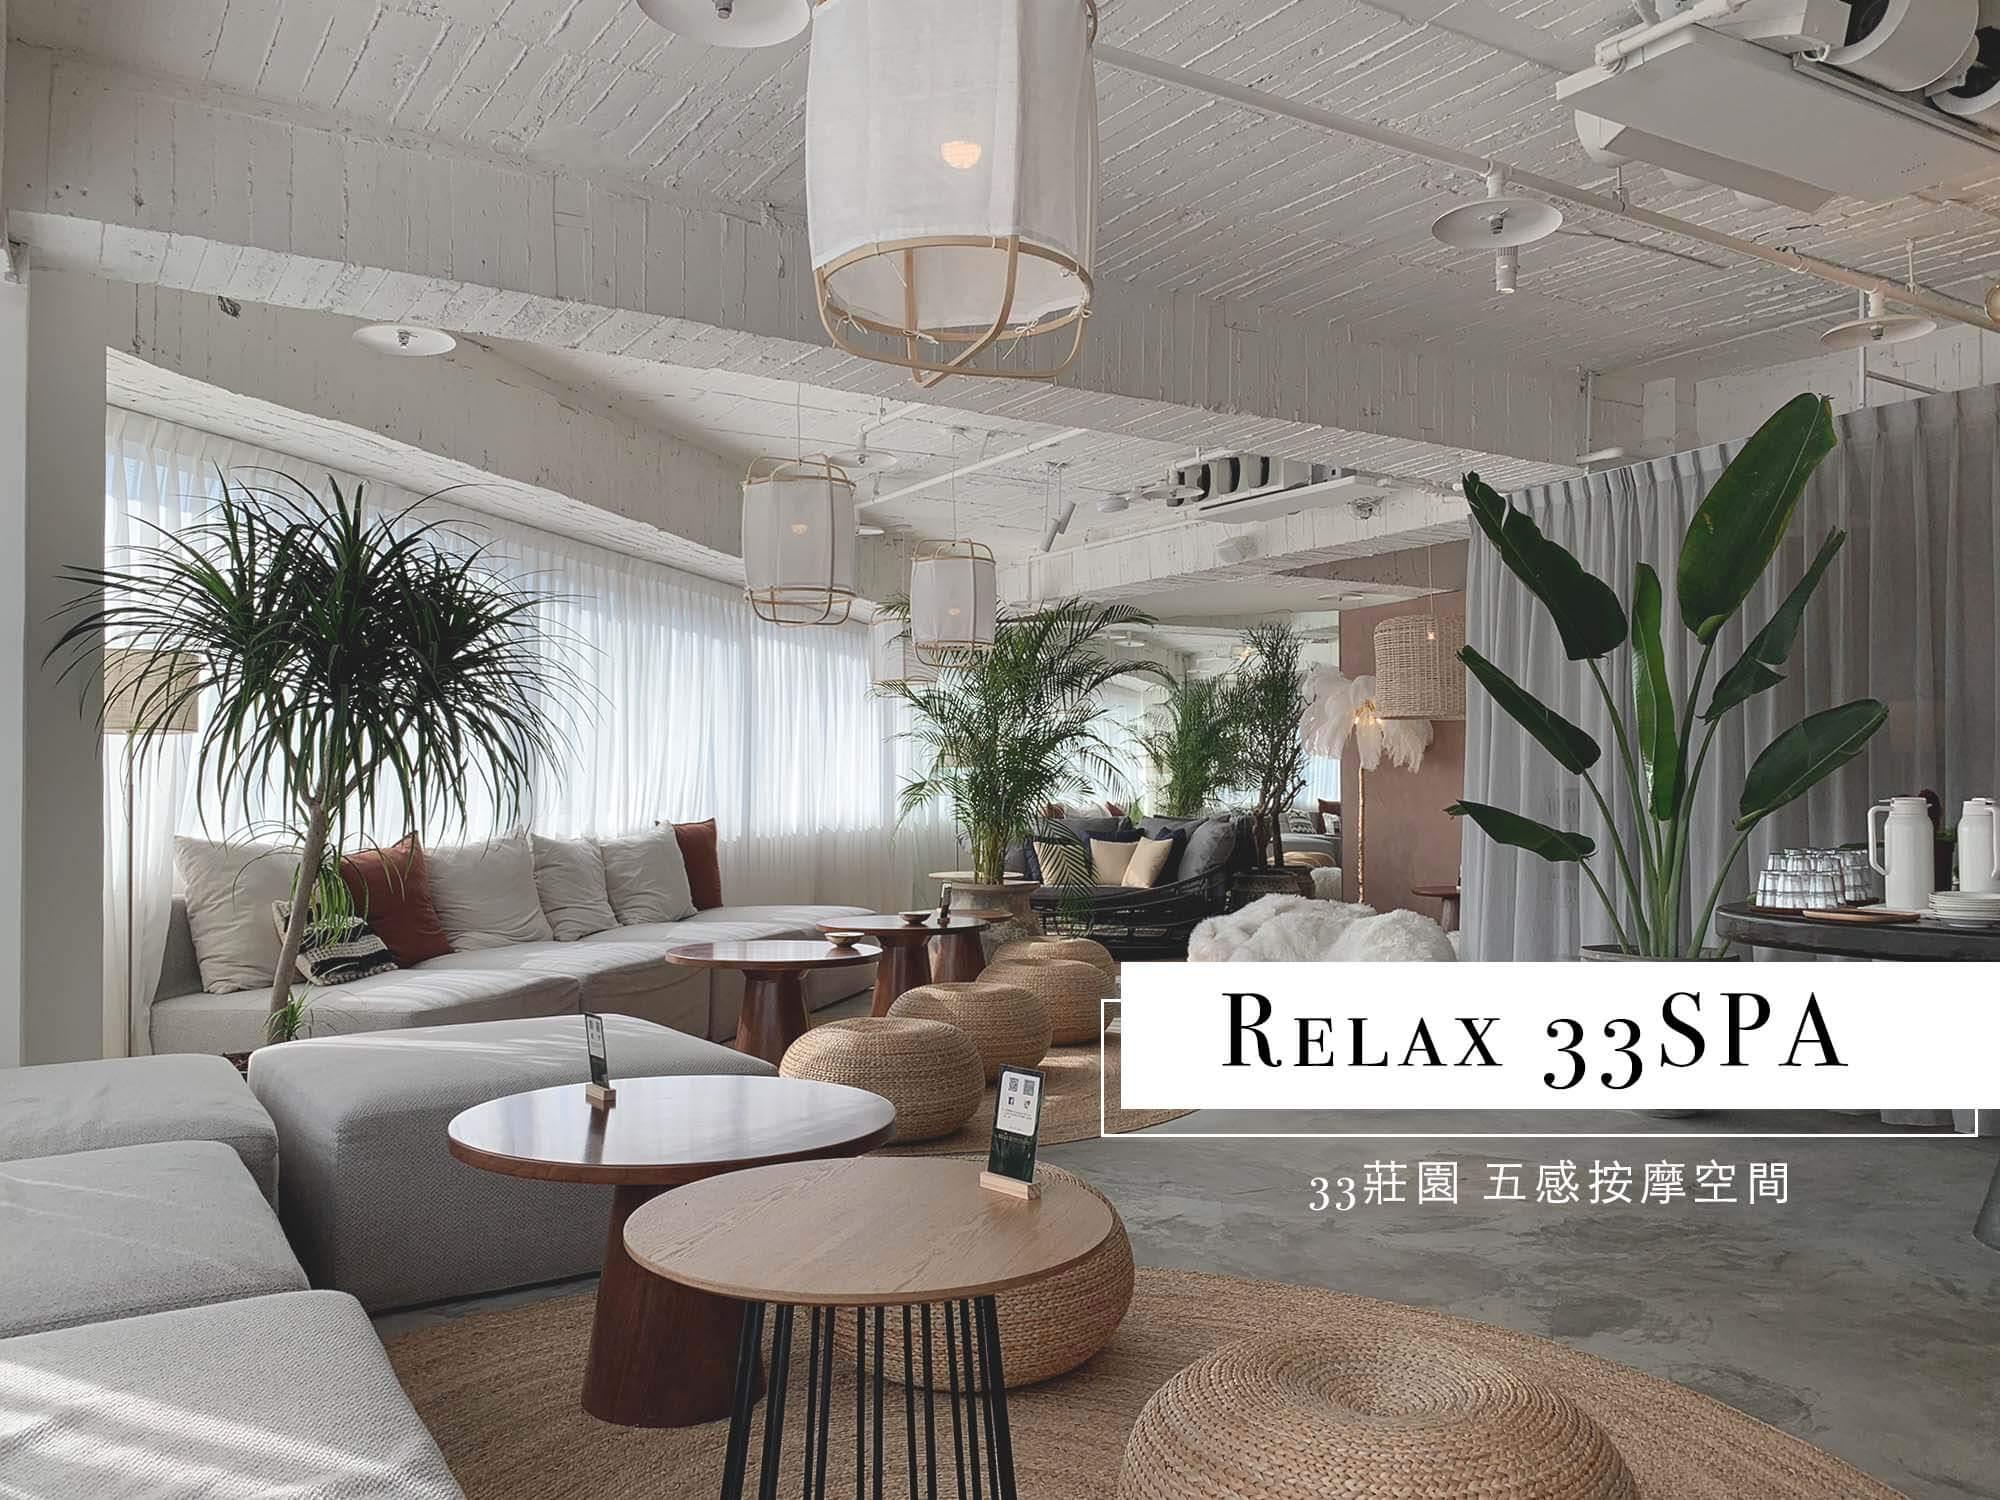 台北33莊園SPA|按摩再點下午茶!如同瞬移峇里島的度假感(含價位menu)